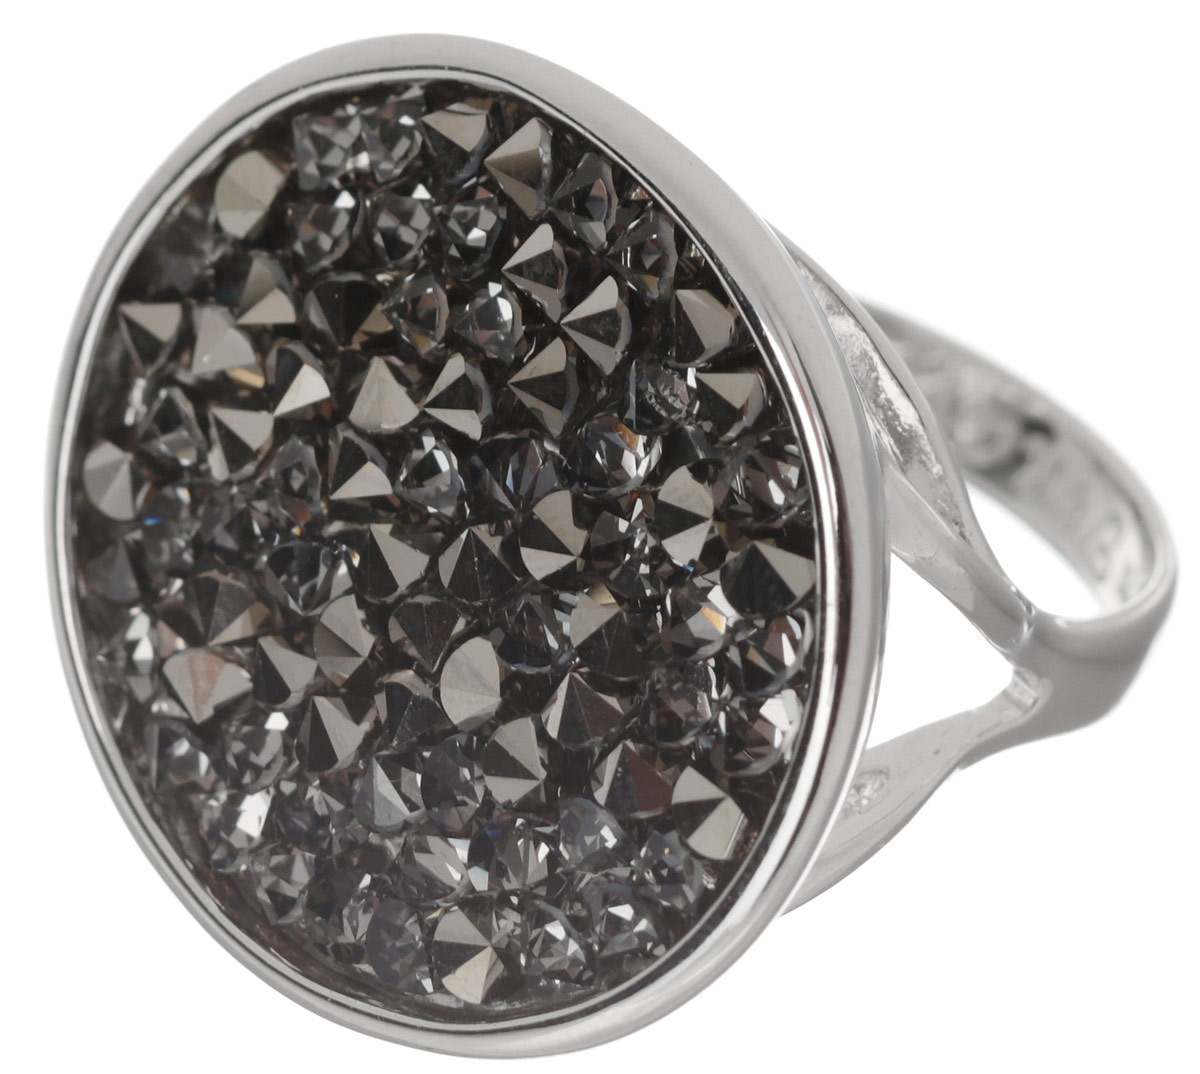 Кольцо Jenavi Карпо, цвет: серебряный, серый. j337f066. Размер 18Коктейльное кольцоЯркое дизайнерское кольцо Jenavi Карпо выполнено из ювелирного сплава с антиаллергическим гальваническим покрытием серебром с родированием. В кольце Карпо ярко присутствует стиль арт-деко, сохранивший в своих элементах роскошную красоту и выразительность восточного направления. Кристаллы Swarovski ассоциируются с великими нераскрытыми тайнами и вечной божественной силой. К тому же изделие обладает превосходной практичностью и сочетаемостью, несмотря на свою яркую центральную часть.Изысканное решение и оригинальный дизайн этого кольца не позволят вам остаться незамеченными!